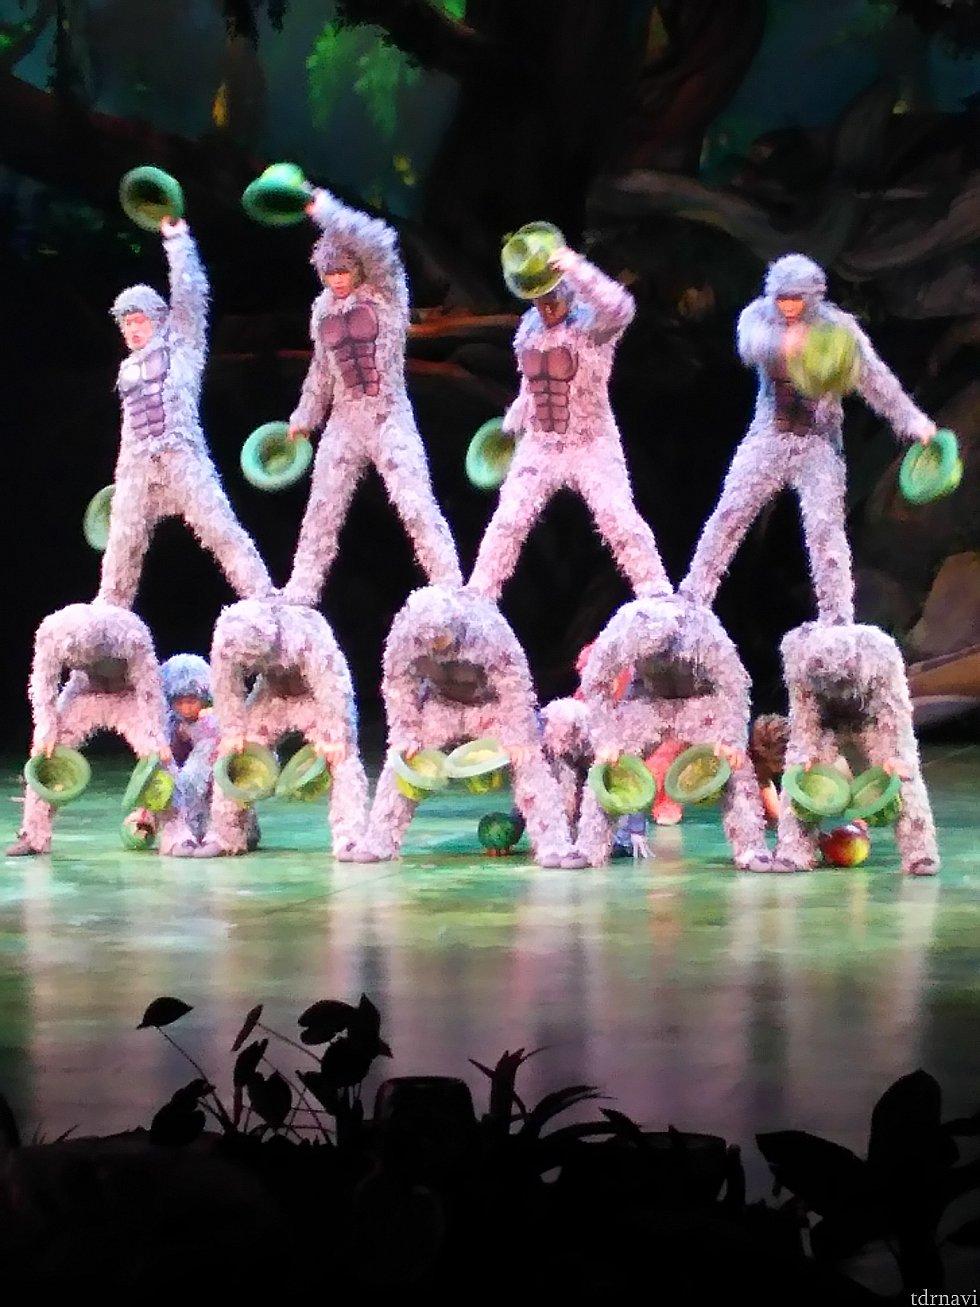 ターザンとゴリラ達が遊ぶ場面を、組体操や曲芸で表現。